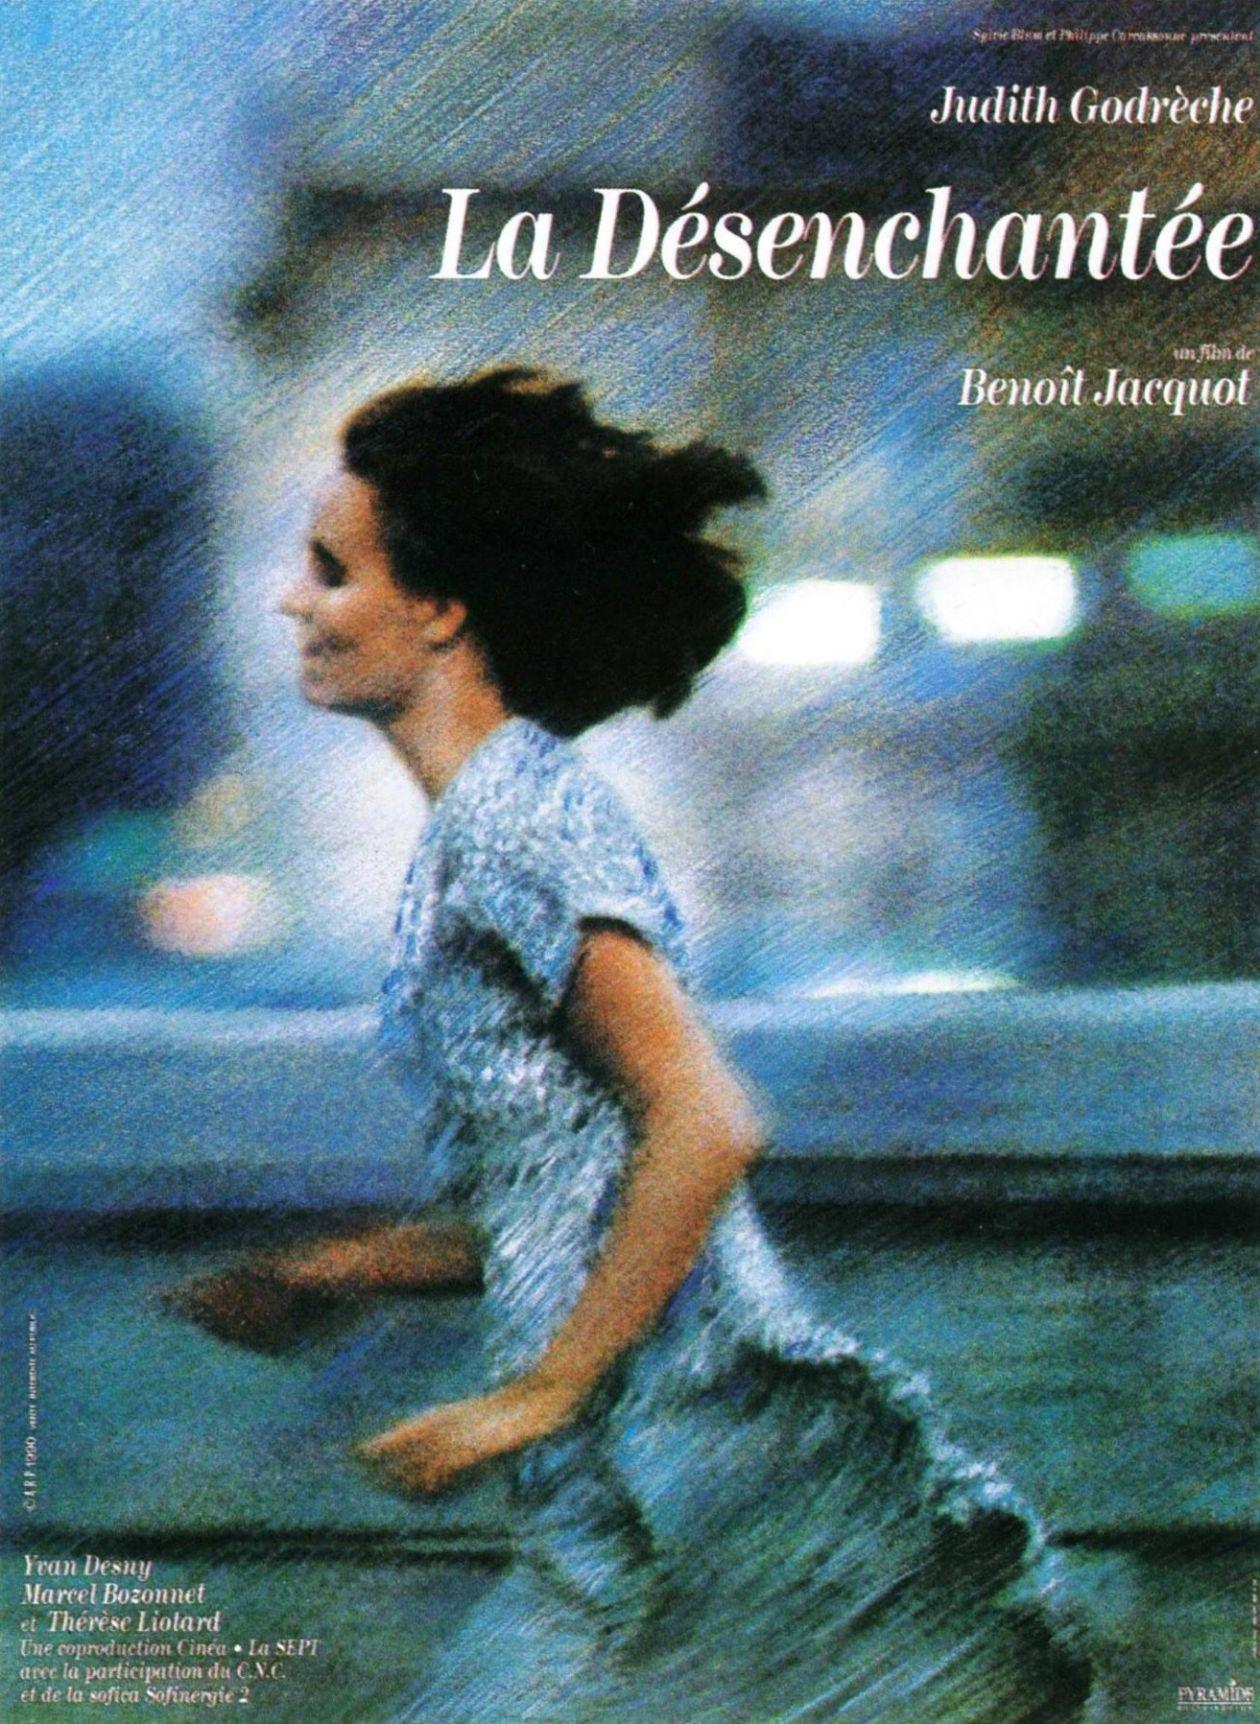 La Désenchantée | Benoît Jacquot 1990  Judith Godrèche